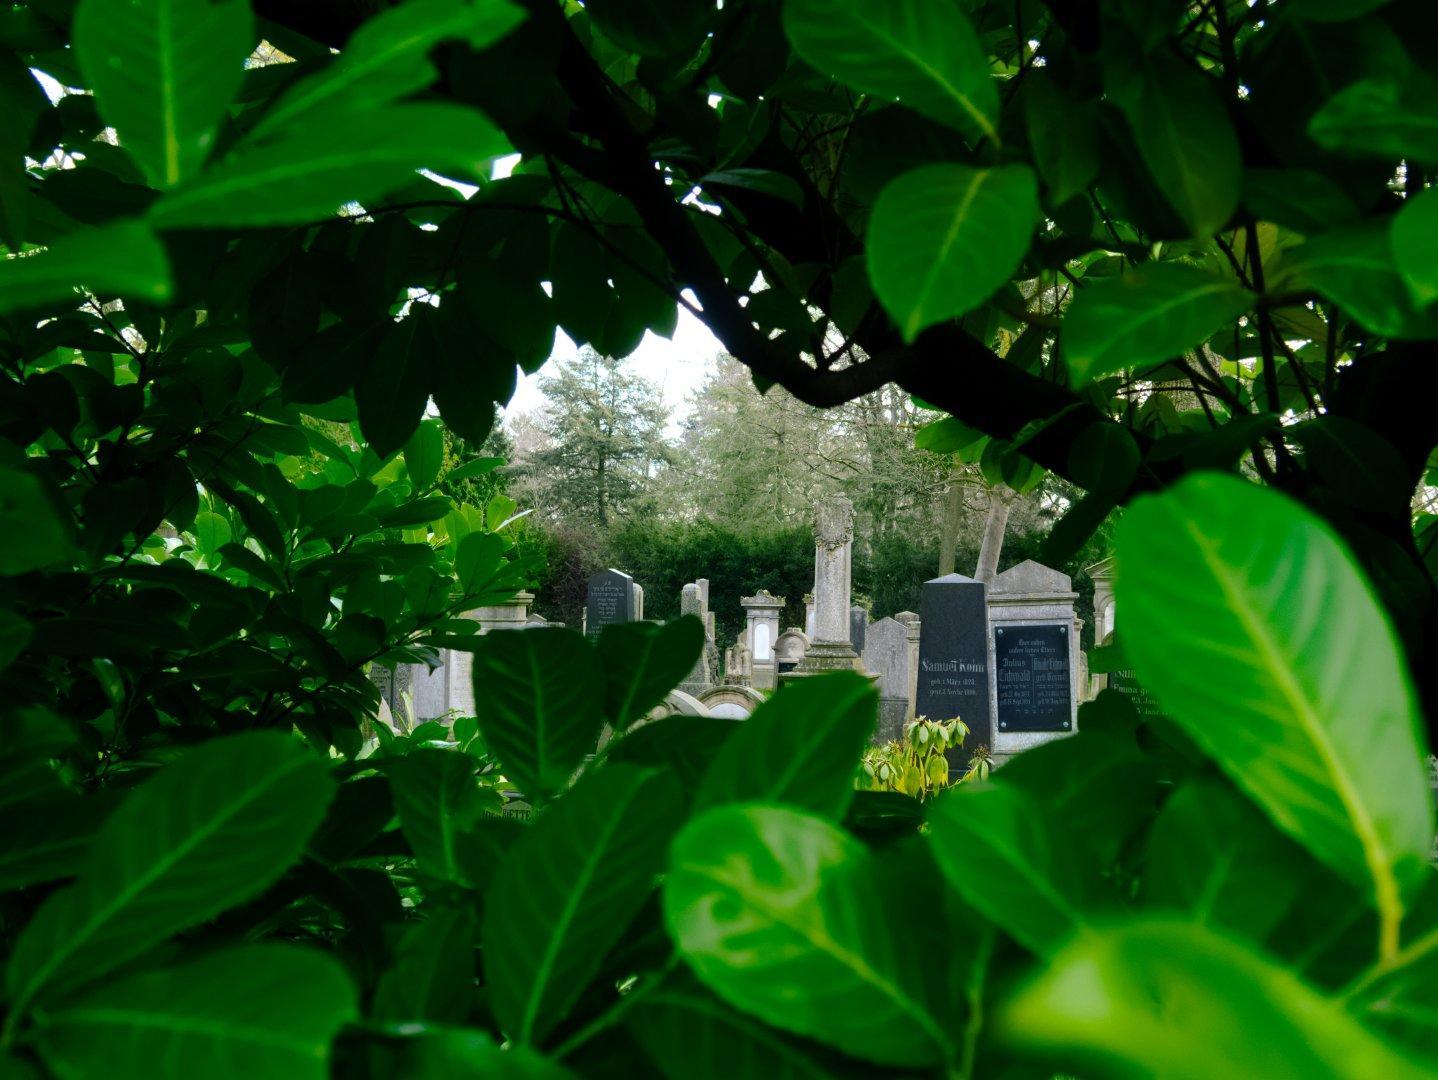 View through green foliage on gravestones